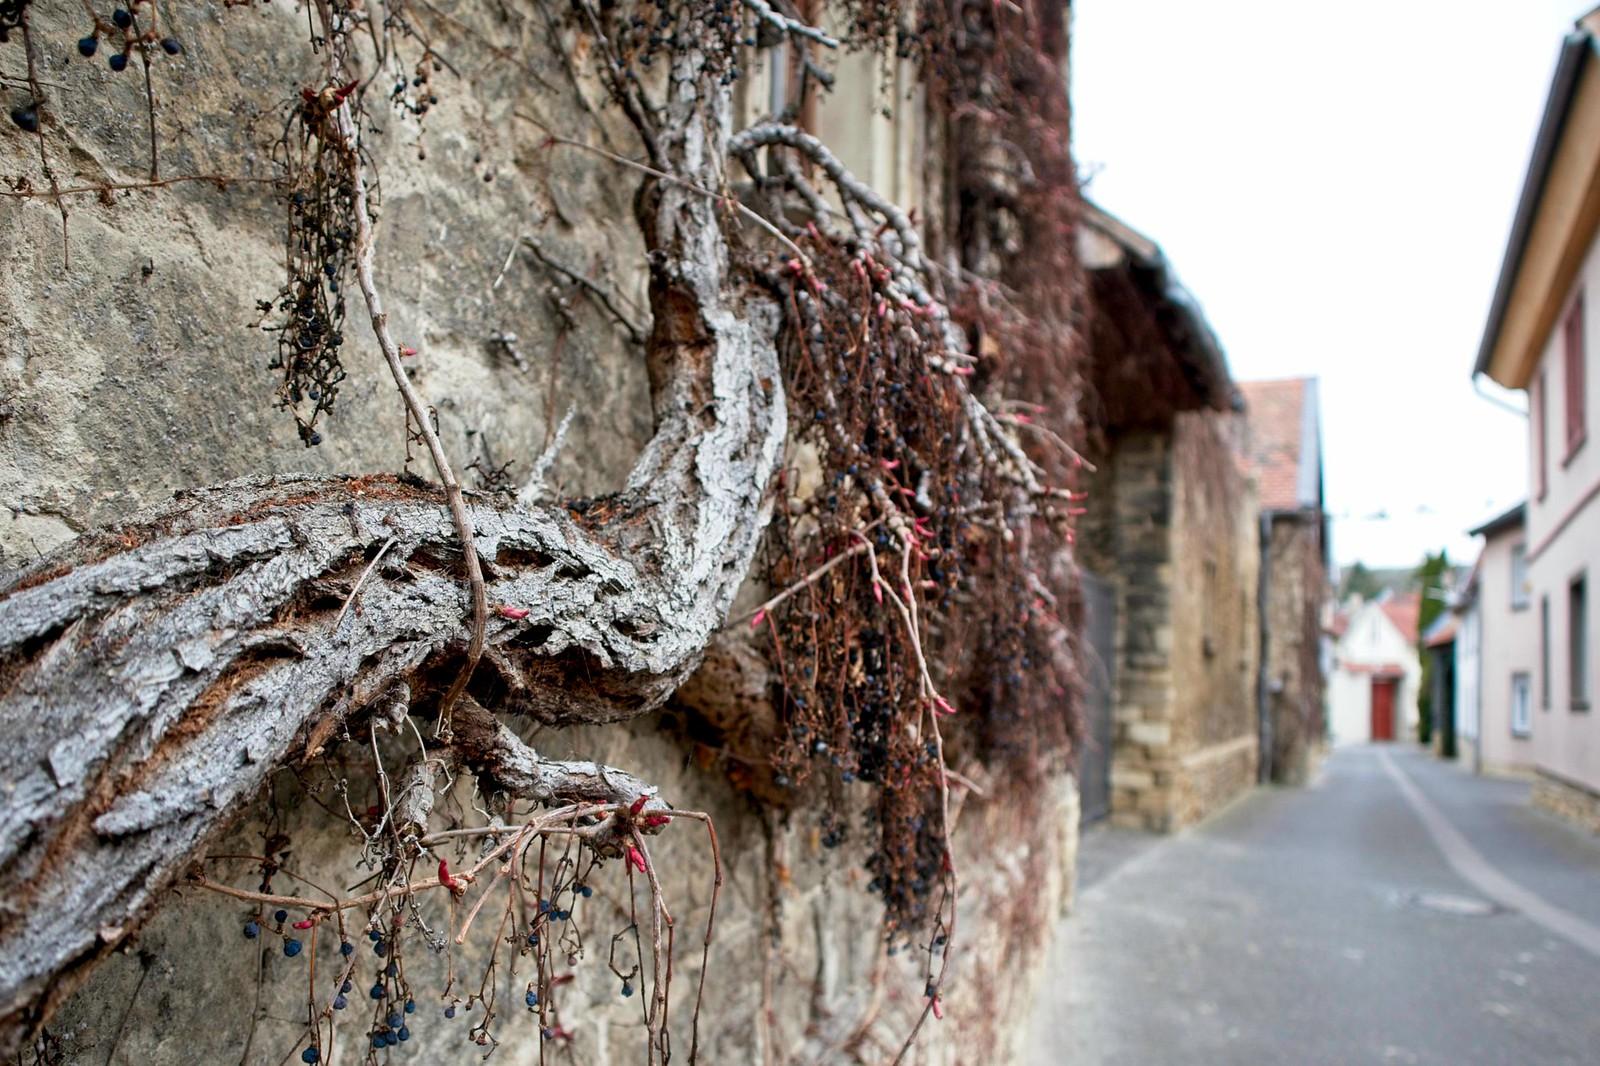 Austreibende Weinreben an einer Hausmauer in Schwabenheim an der Selz